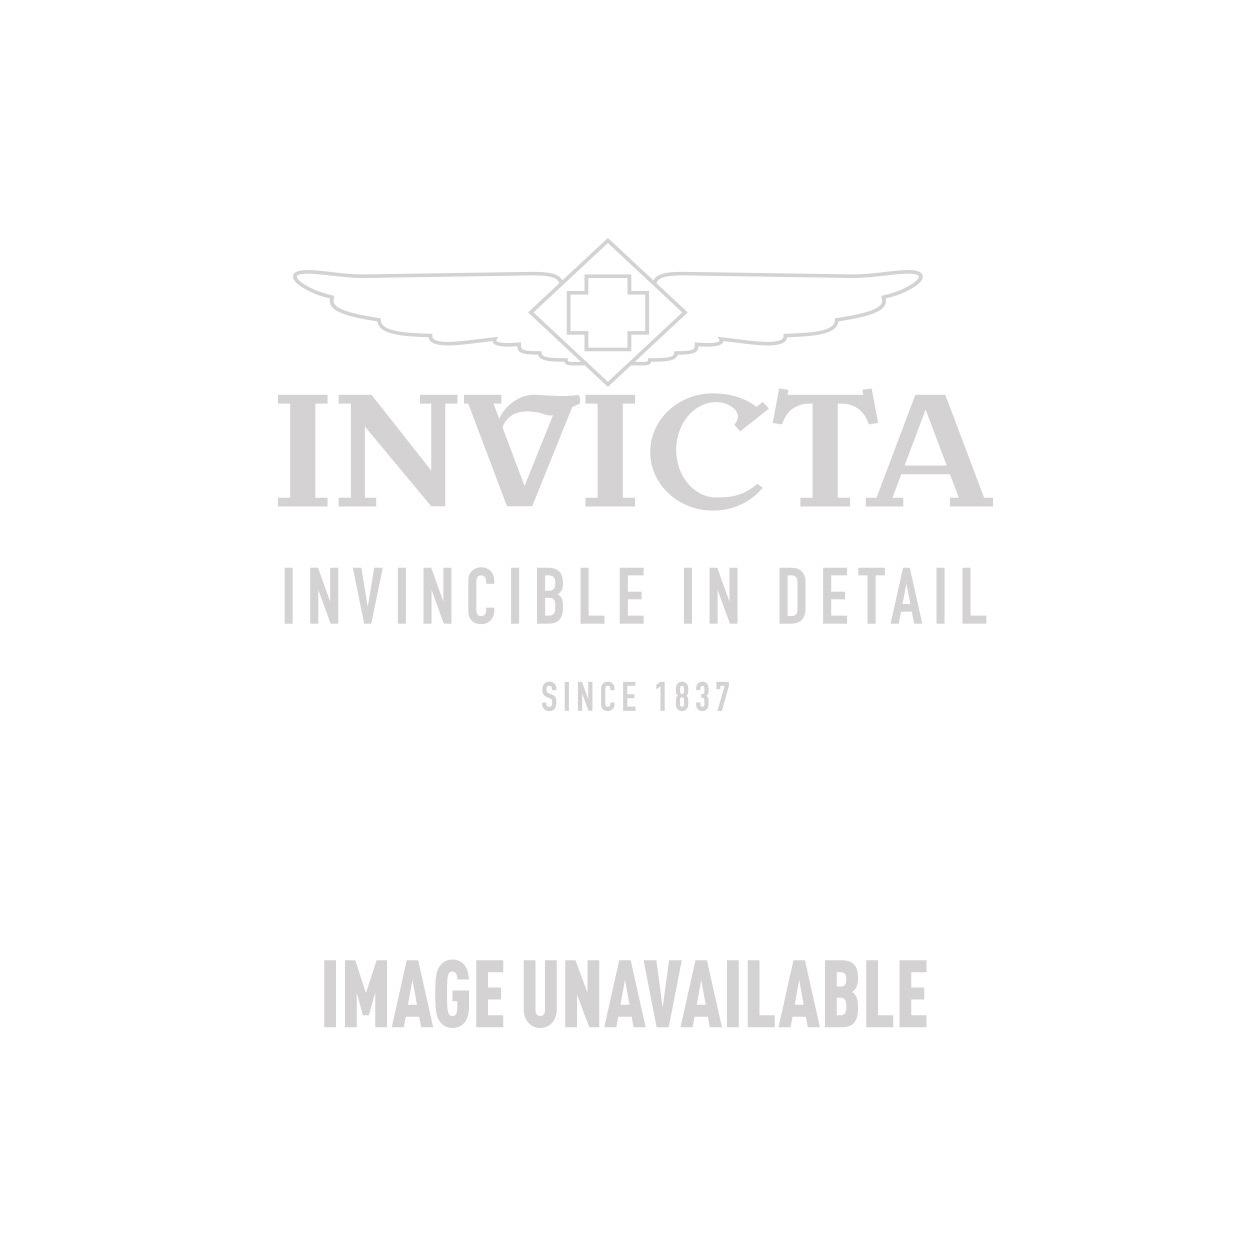 Invicta Subaqua Swiss Made Quartz Watch - Black, Titanium case with Black, Titanium, Green tone Stainless Steel, Silicone band - Model 16254